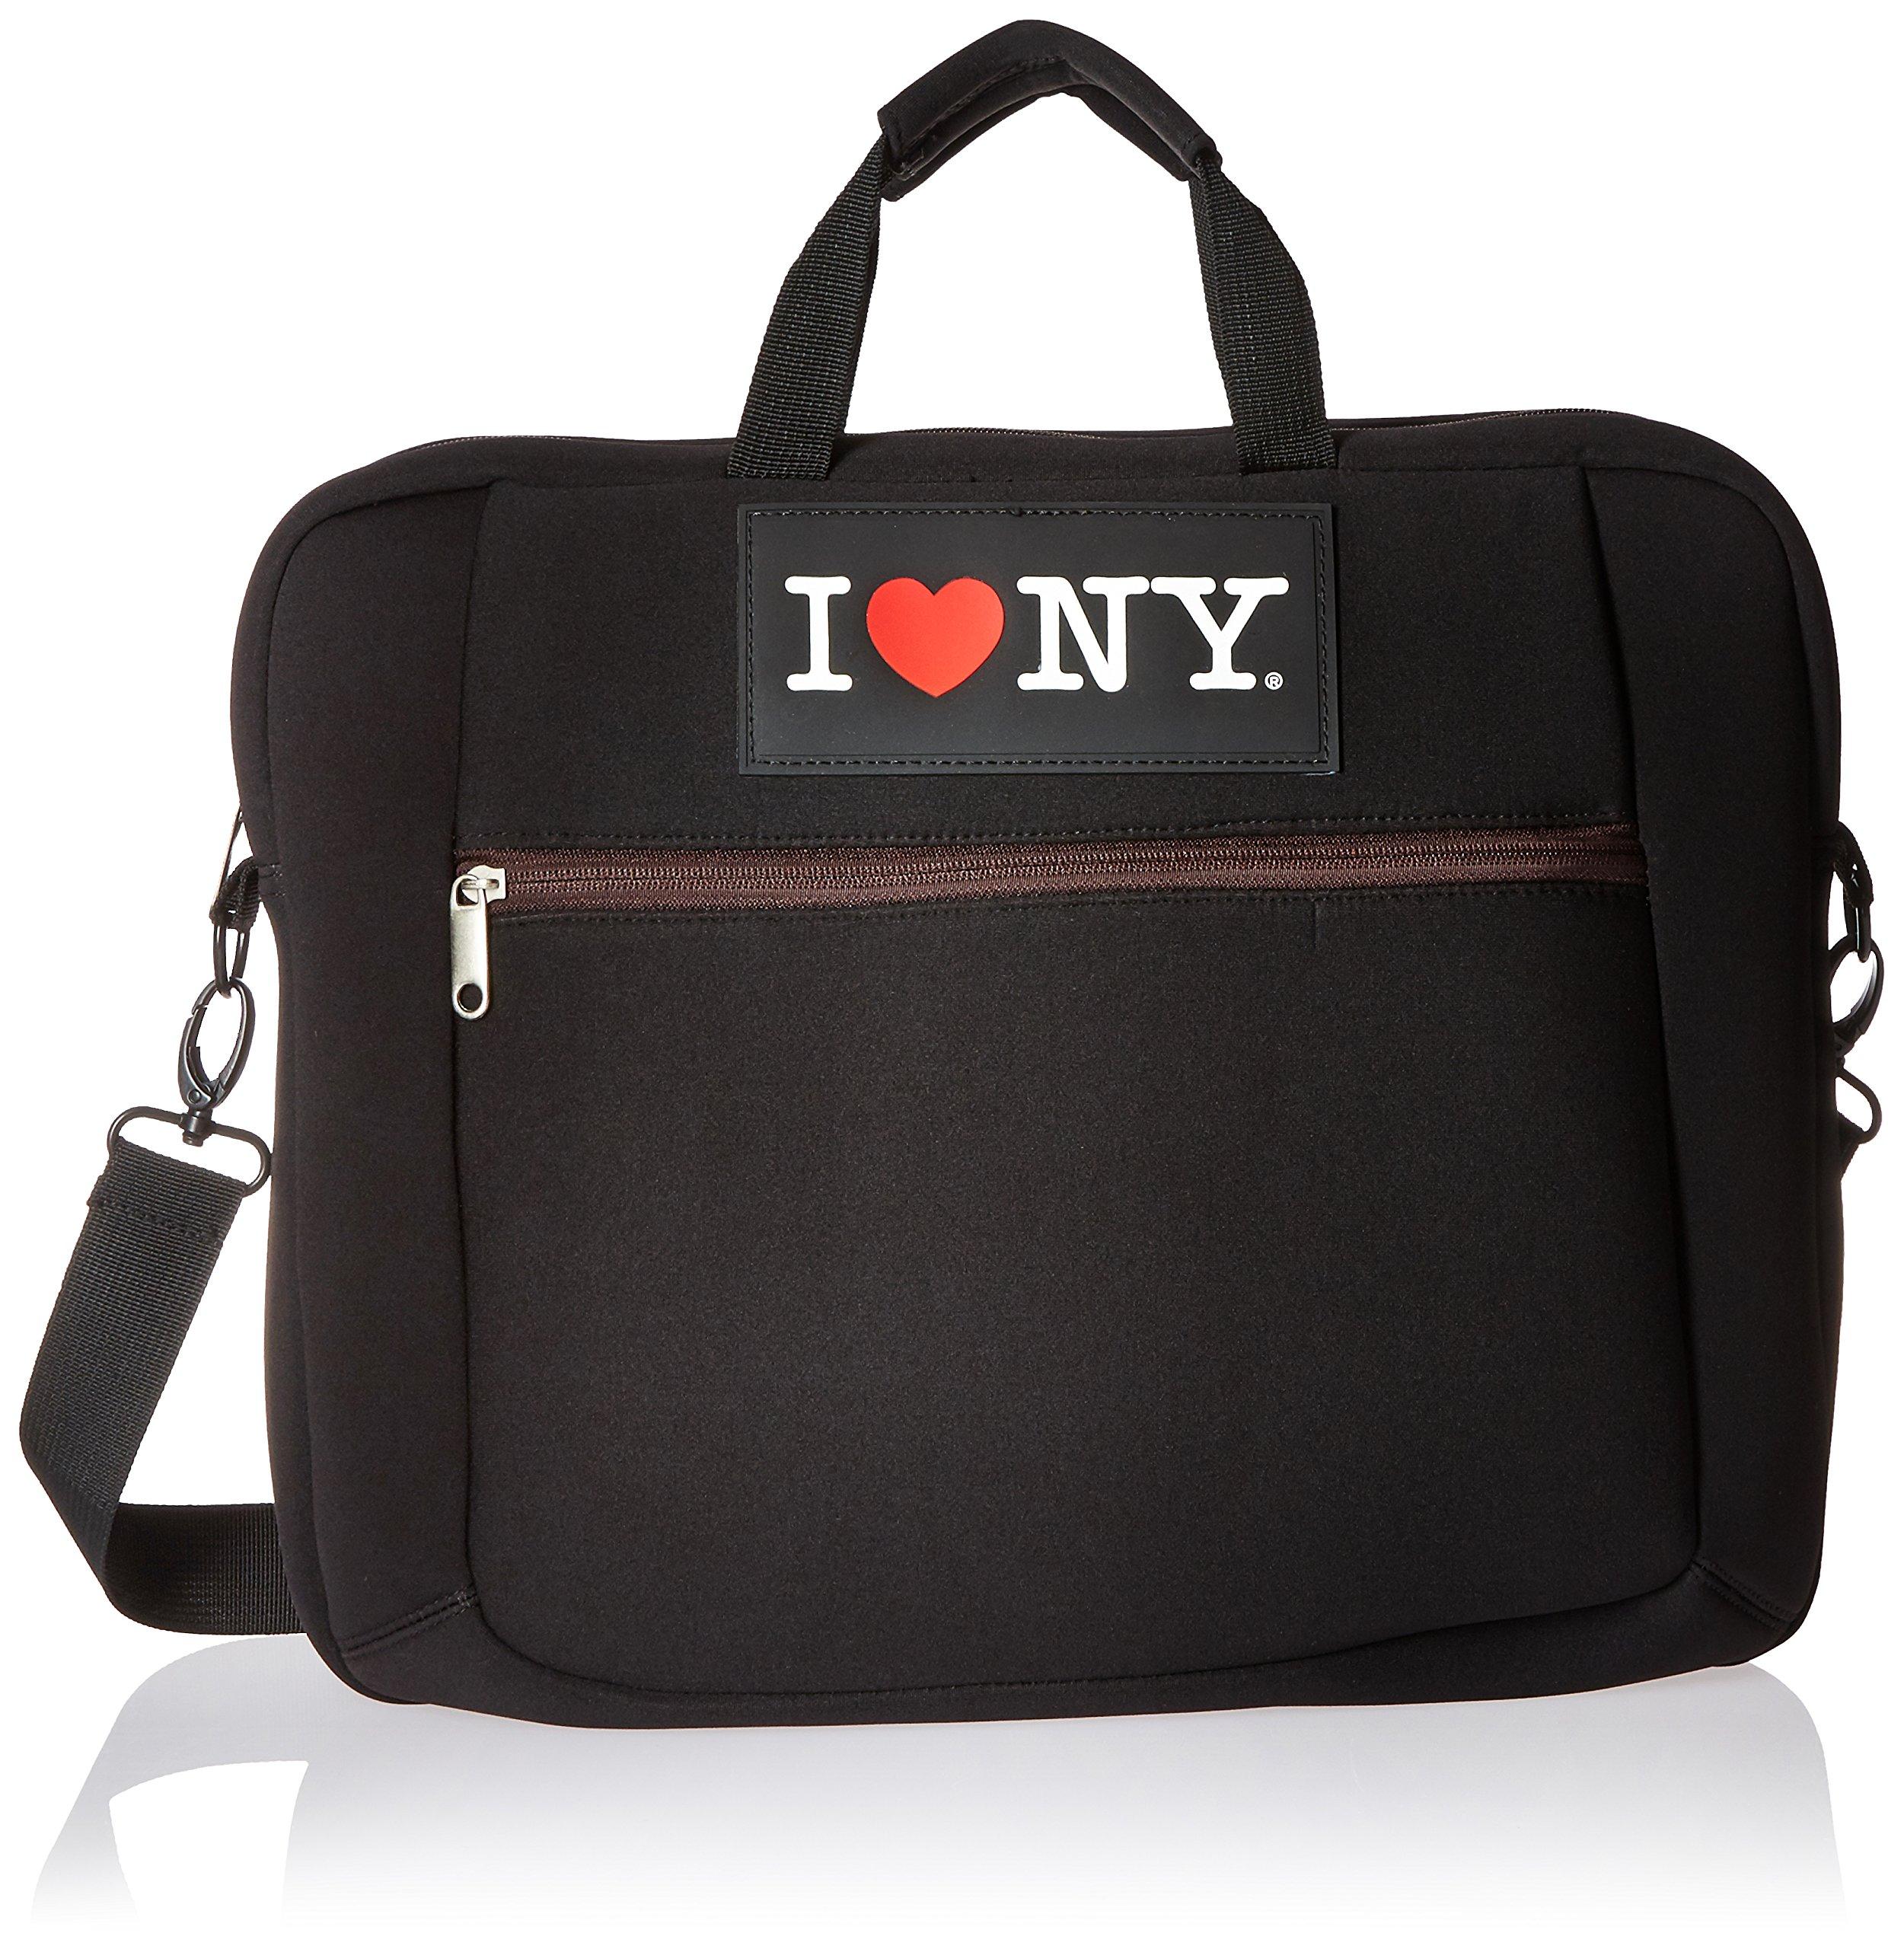 I Love NY Laptop Case, Black/Brown (ILNLAP1602BR)